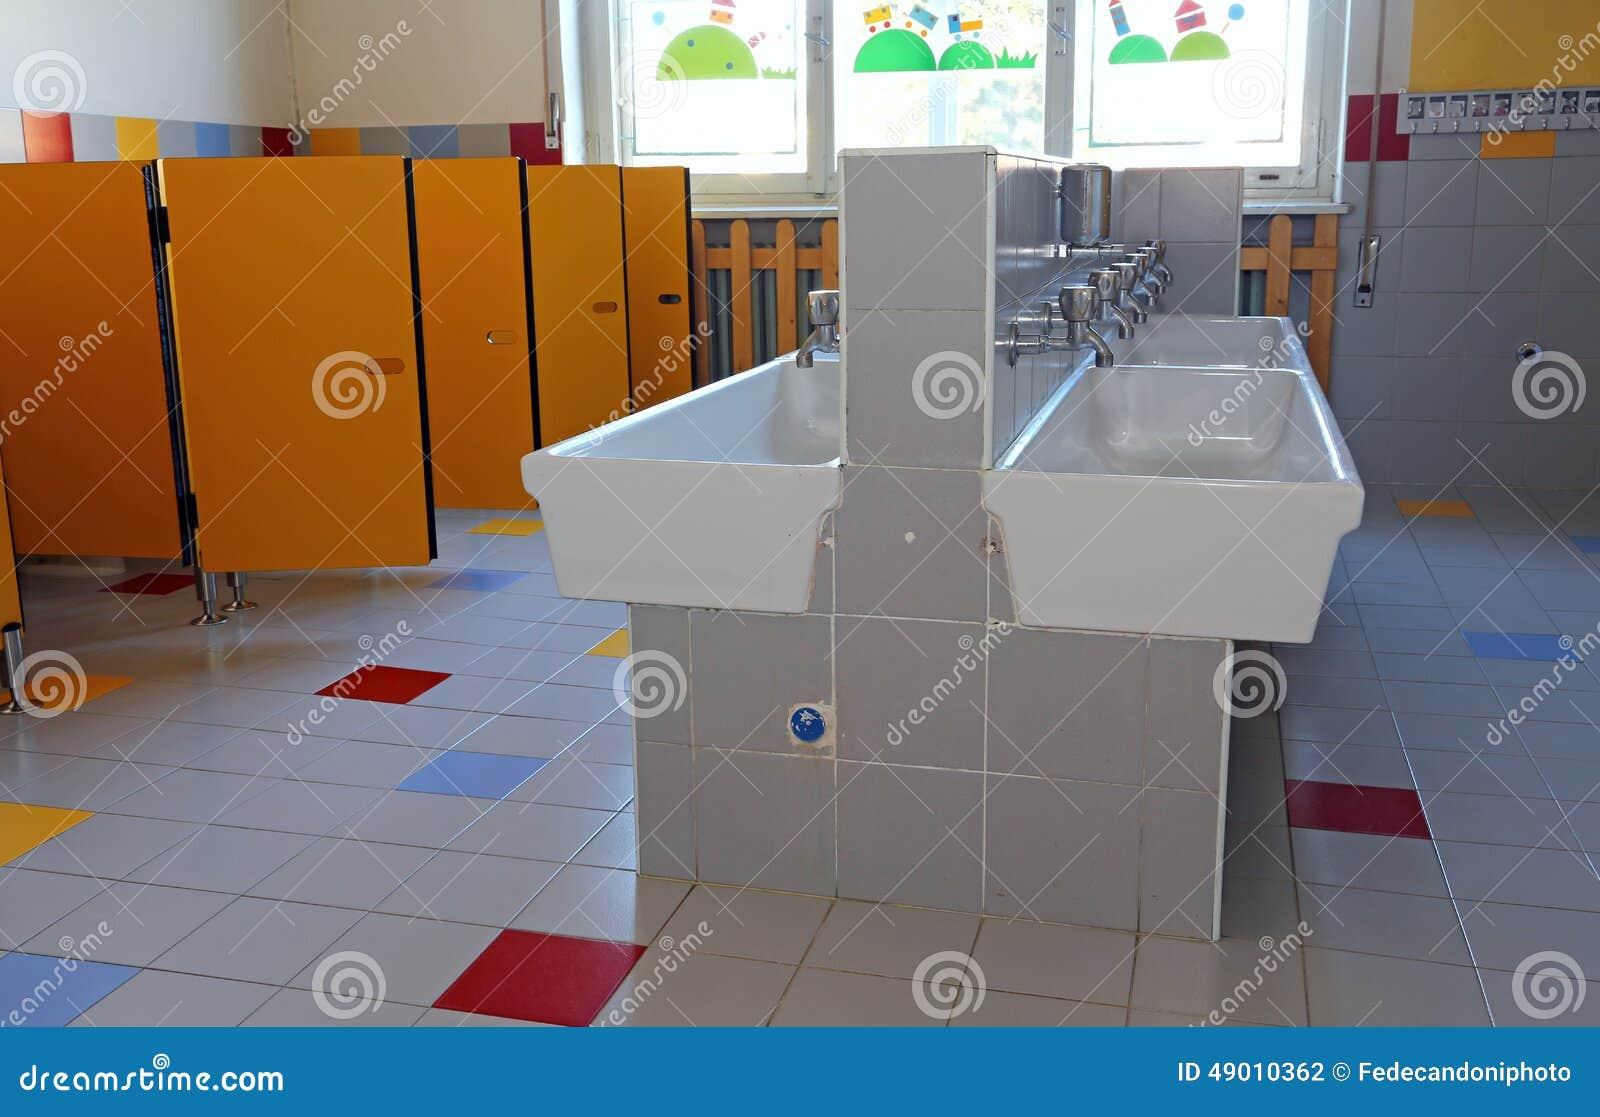 Bagno della scuola materna con i lavandini ceramici fotografia stock immagine 49010362 - Tette bagno scuola ...